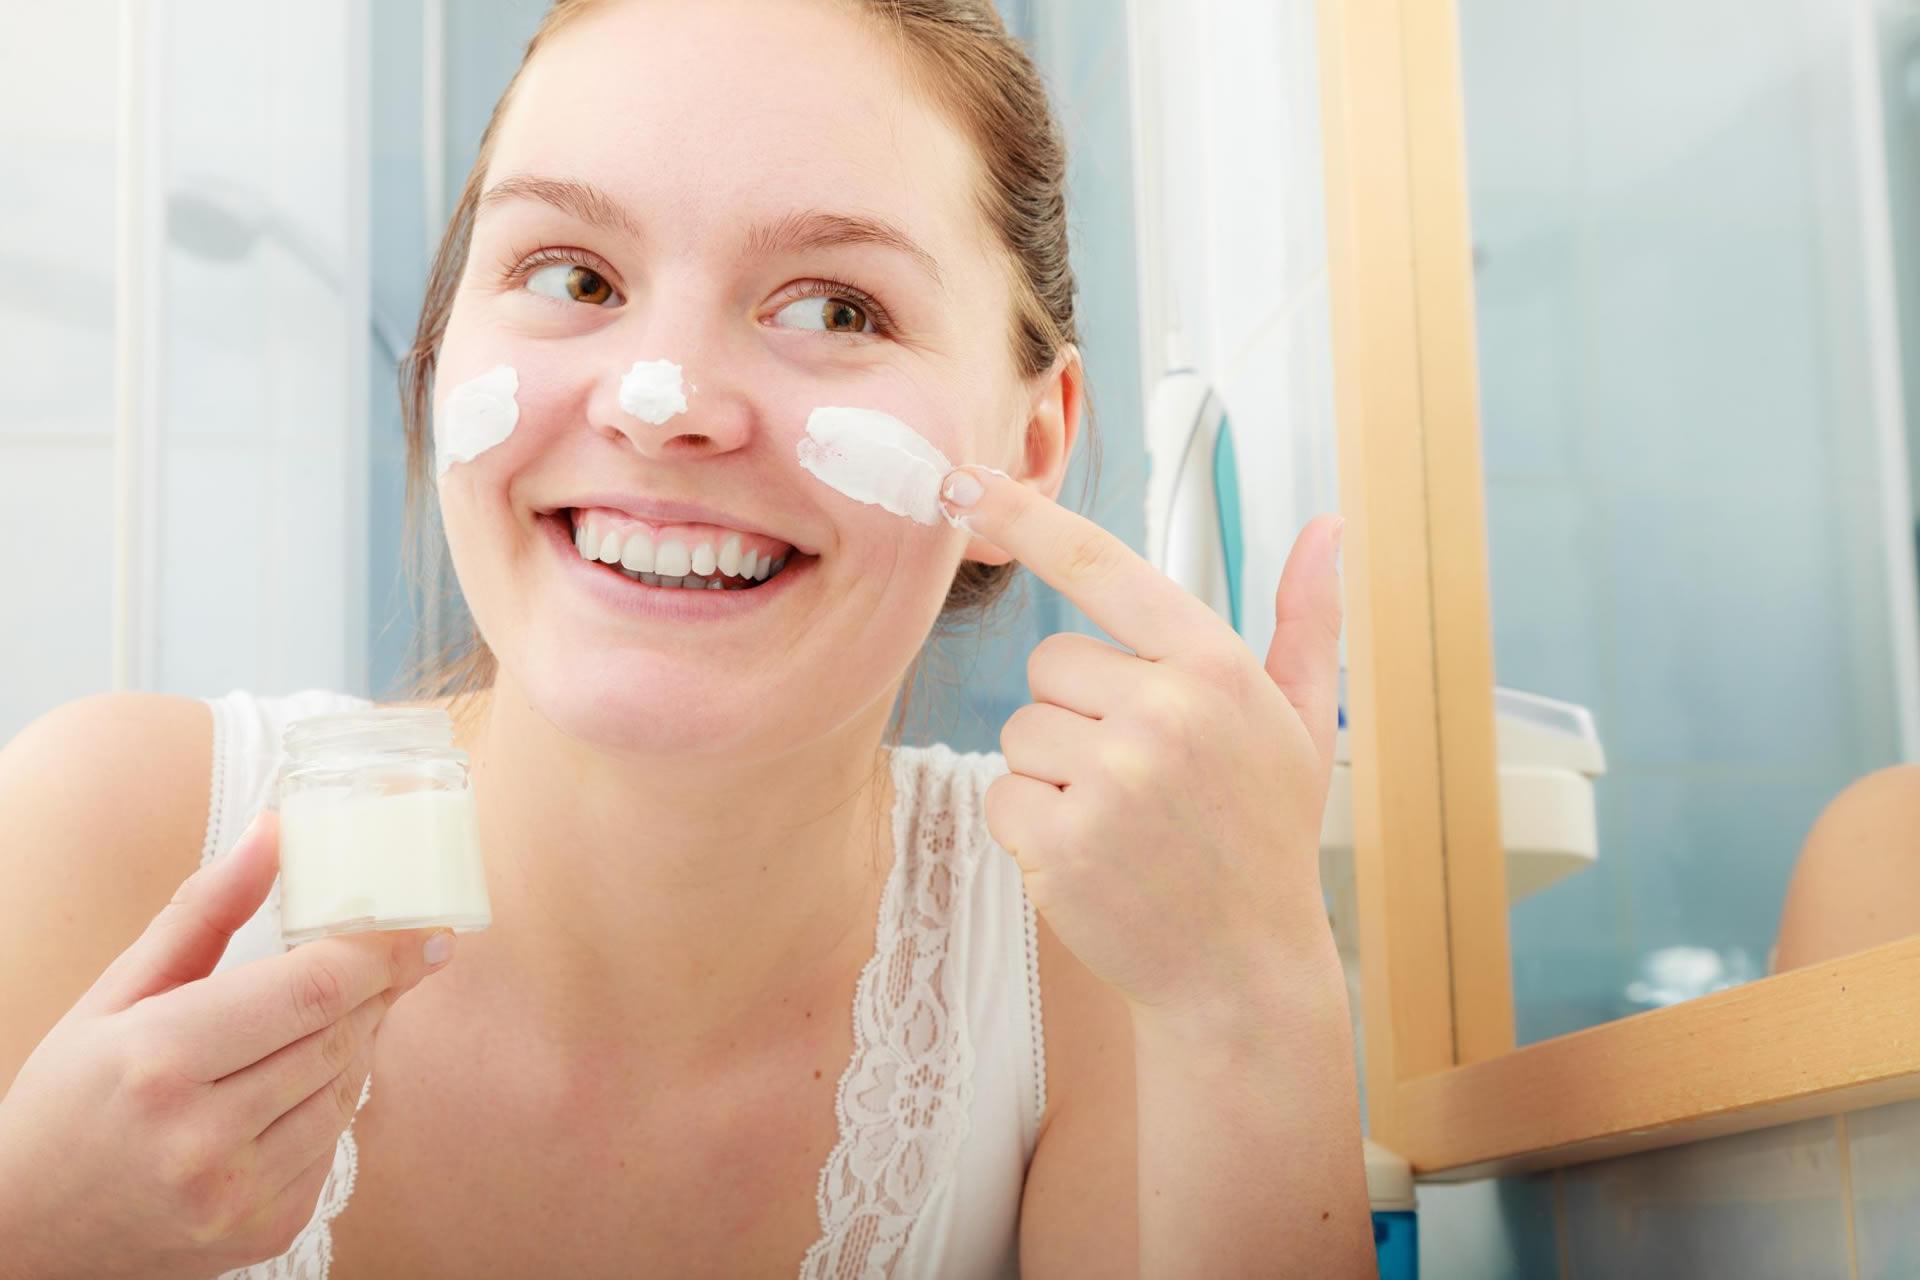 Oxilver - suha koža